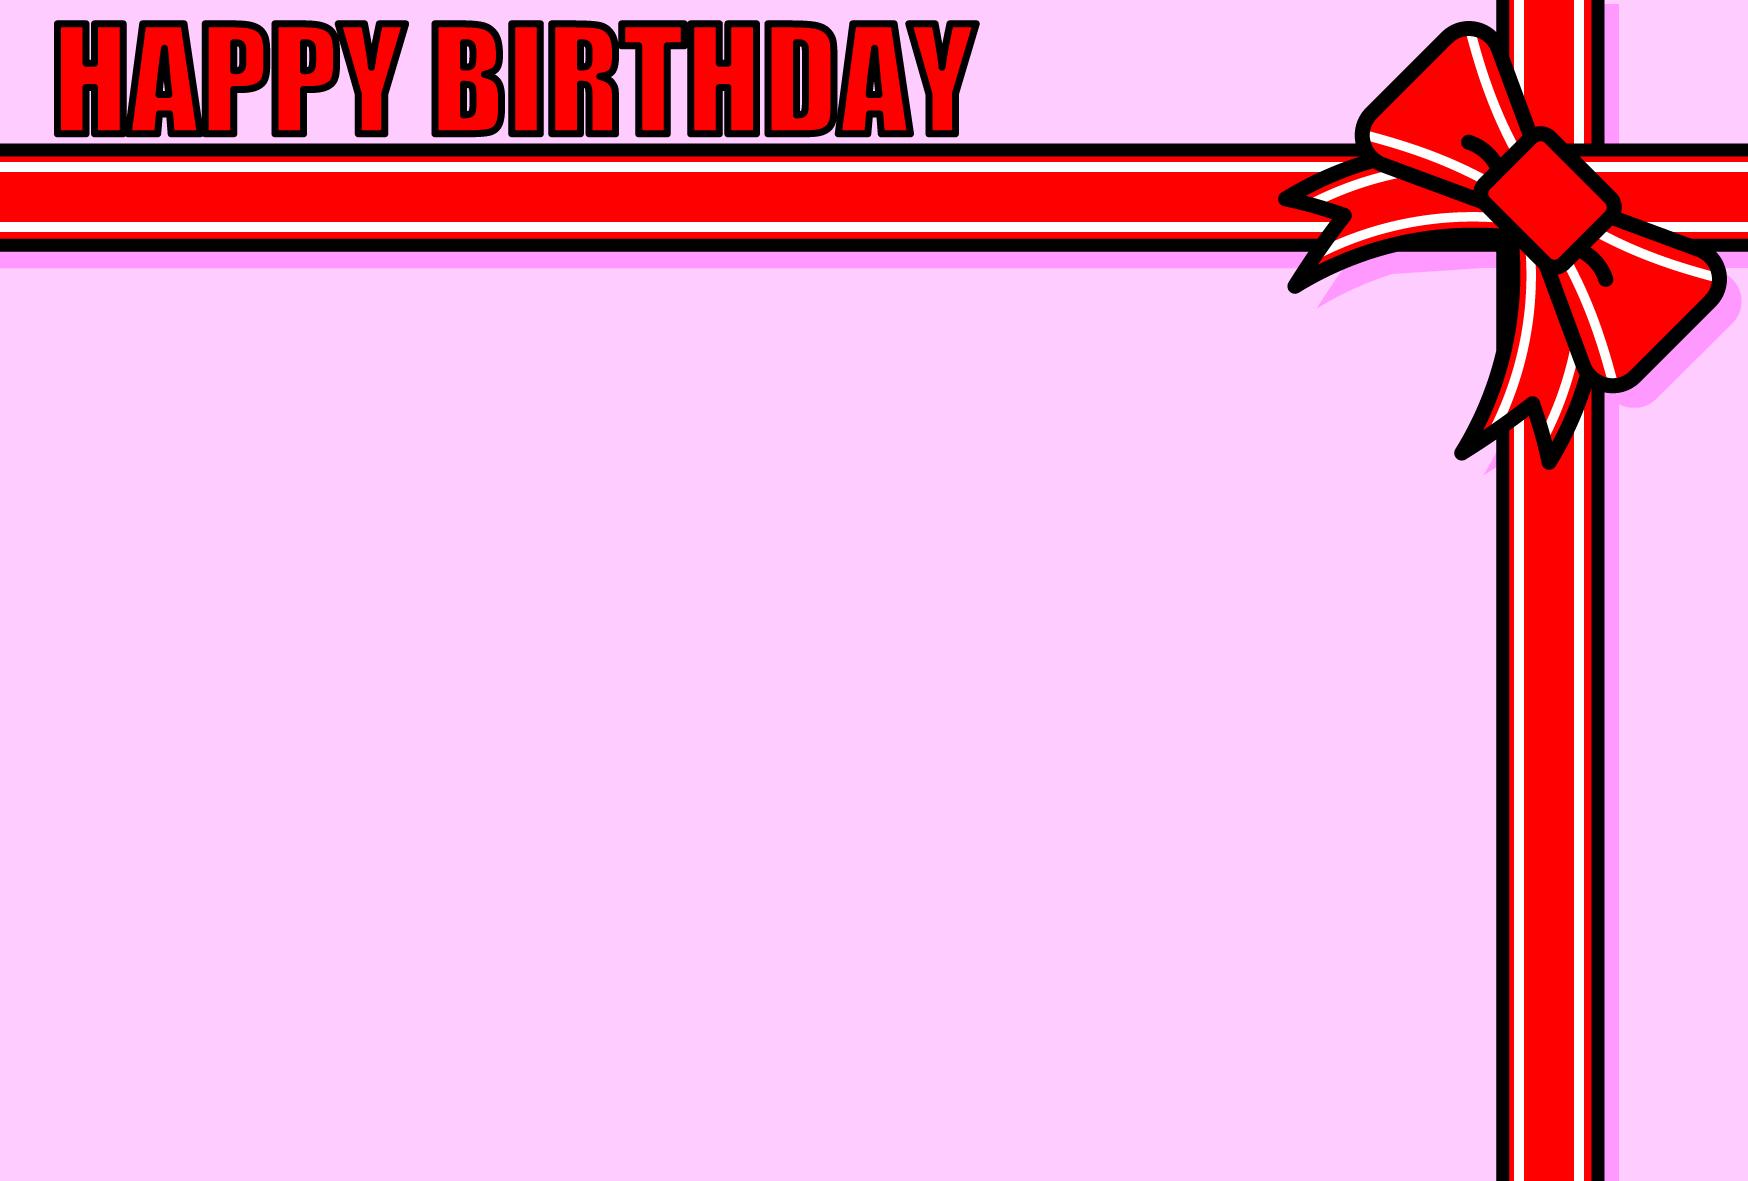 かわいい誕生日バースデーメッセージカードの無料イラスト